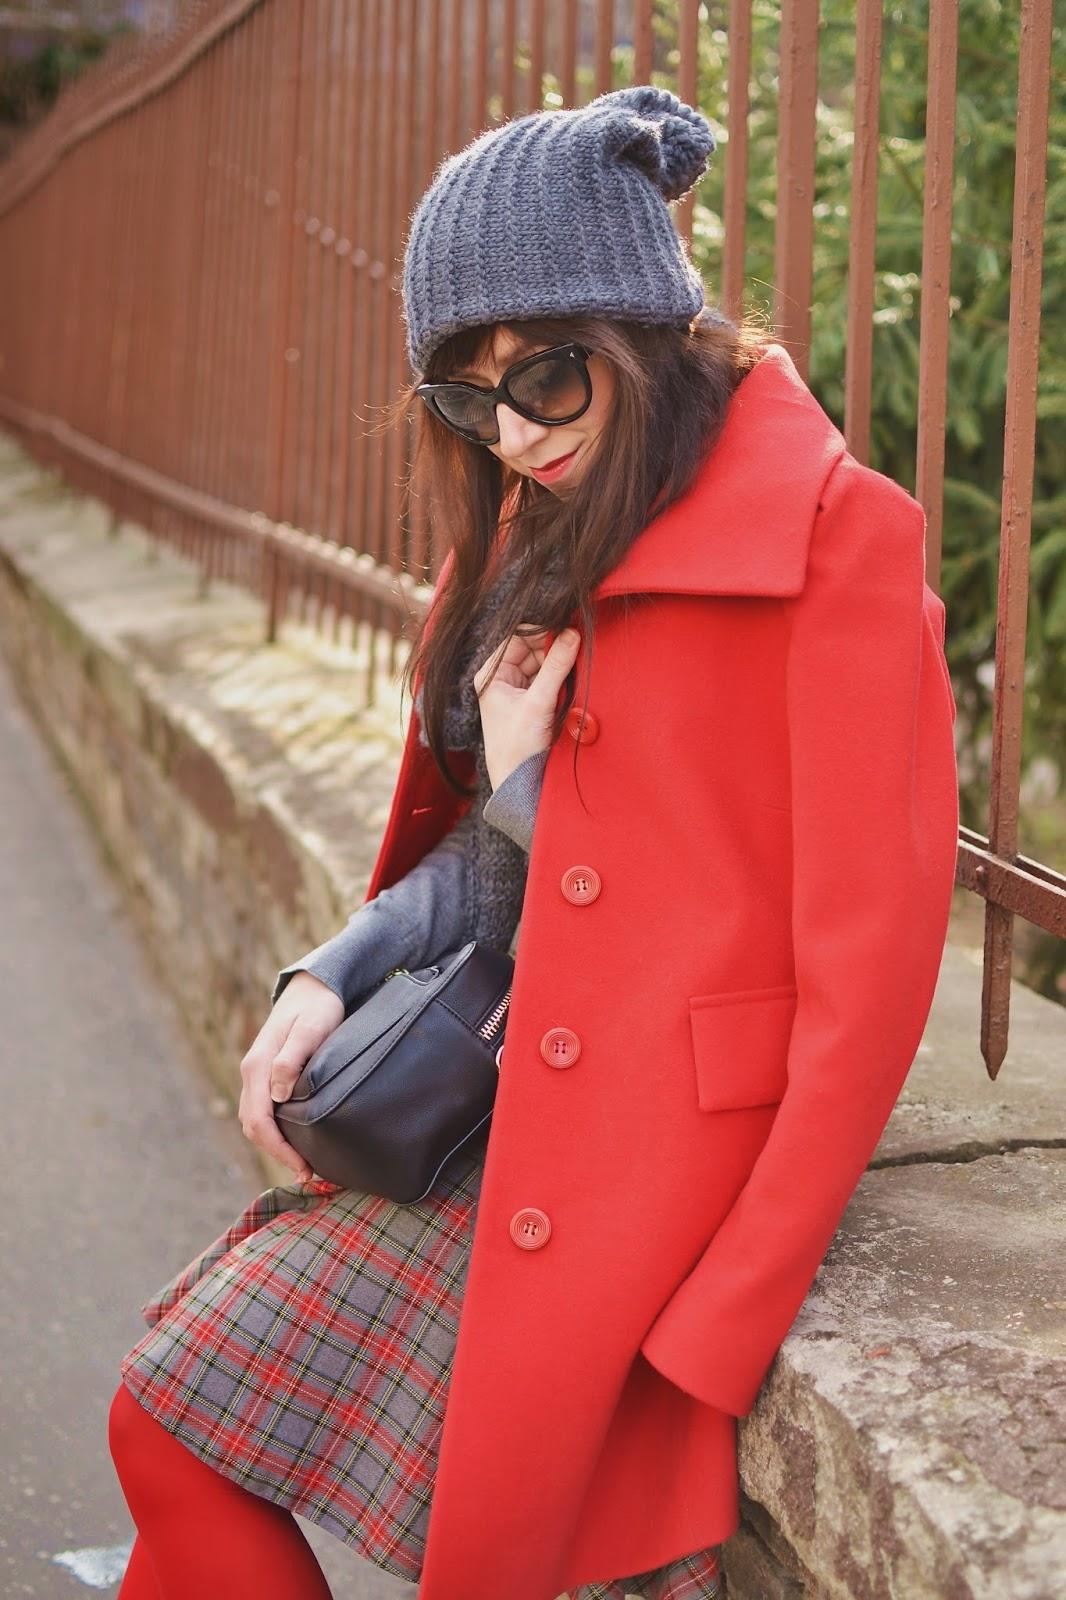 ČERVENÁ_Katharine-fashion is beautiful_Karovaná sukňa_Červené pančuchy_Sivá čiapka_Červený kabát_Katarína Jakubčová_Fashion blogger